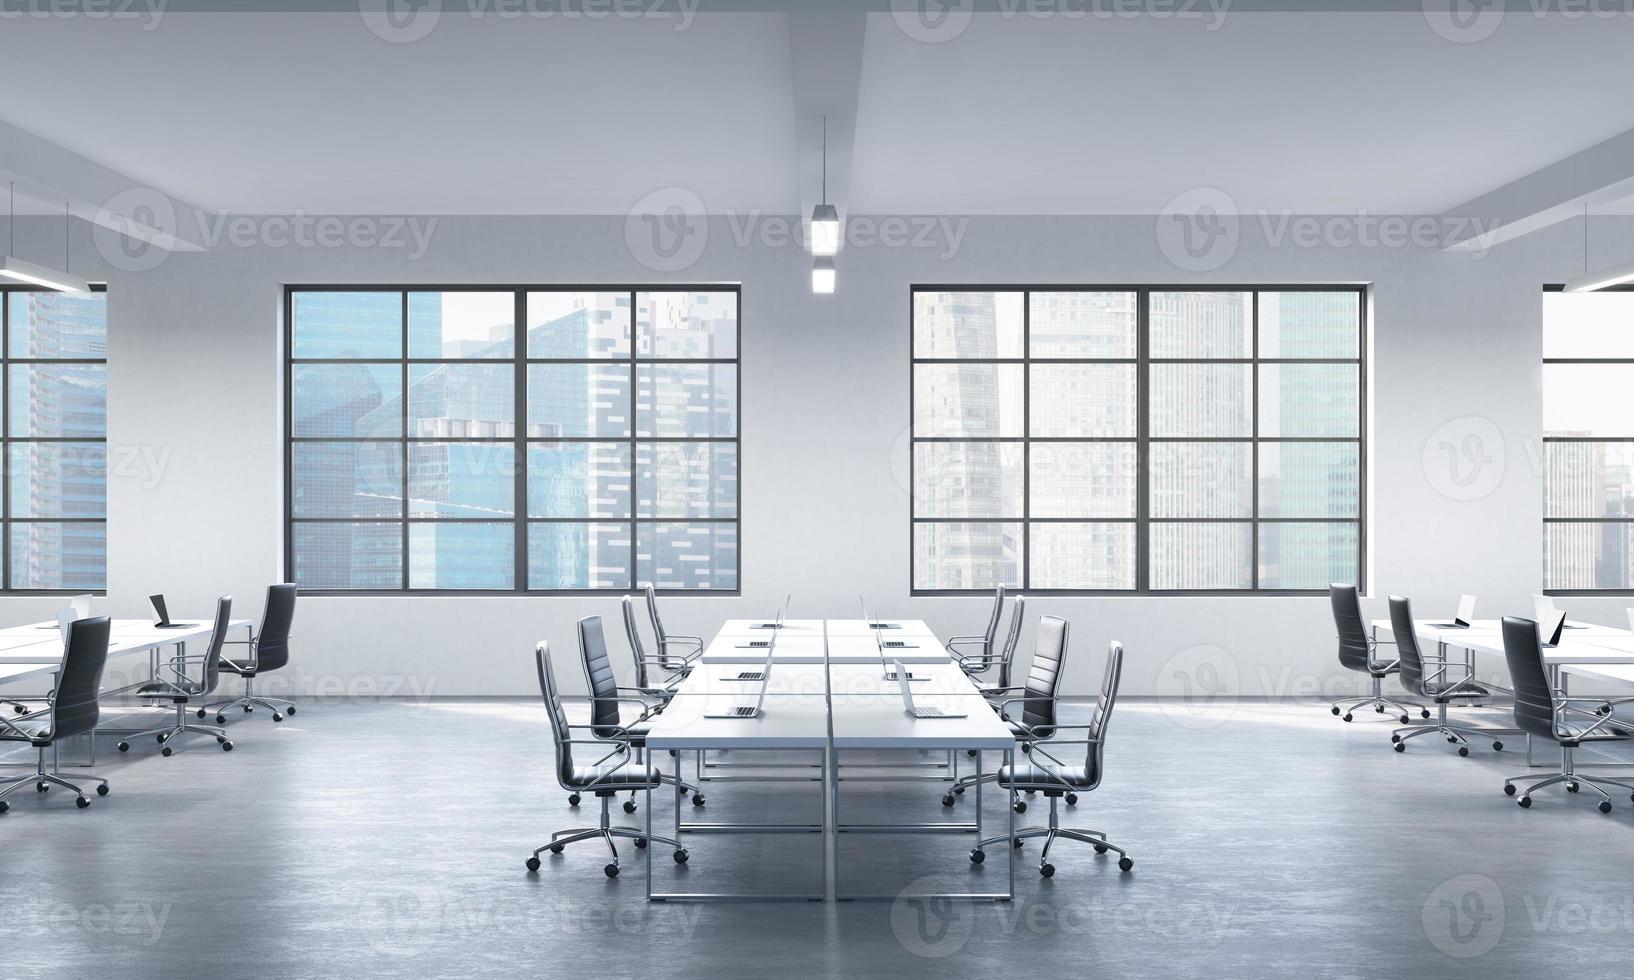 sala de conferencias o lugares de trabajo corporativos foto